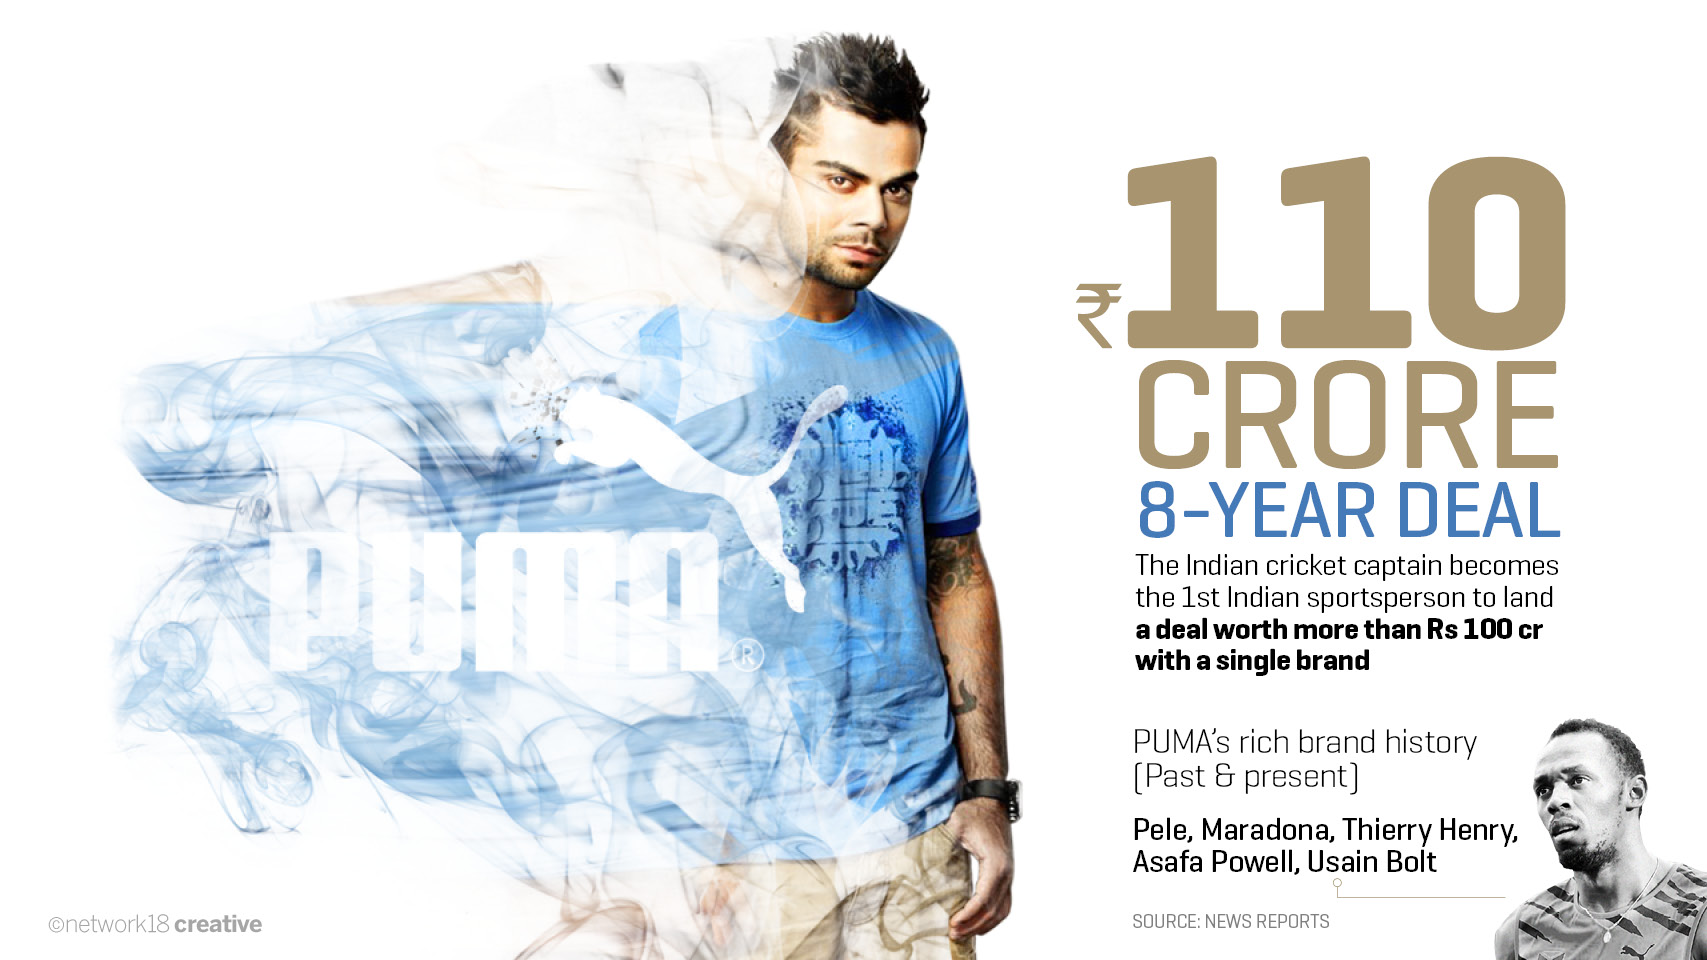 puma brand news